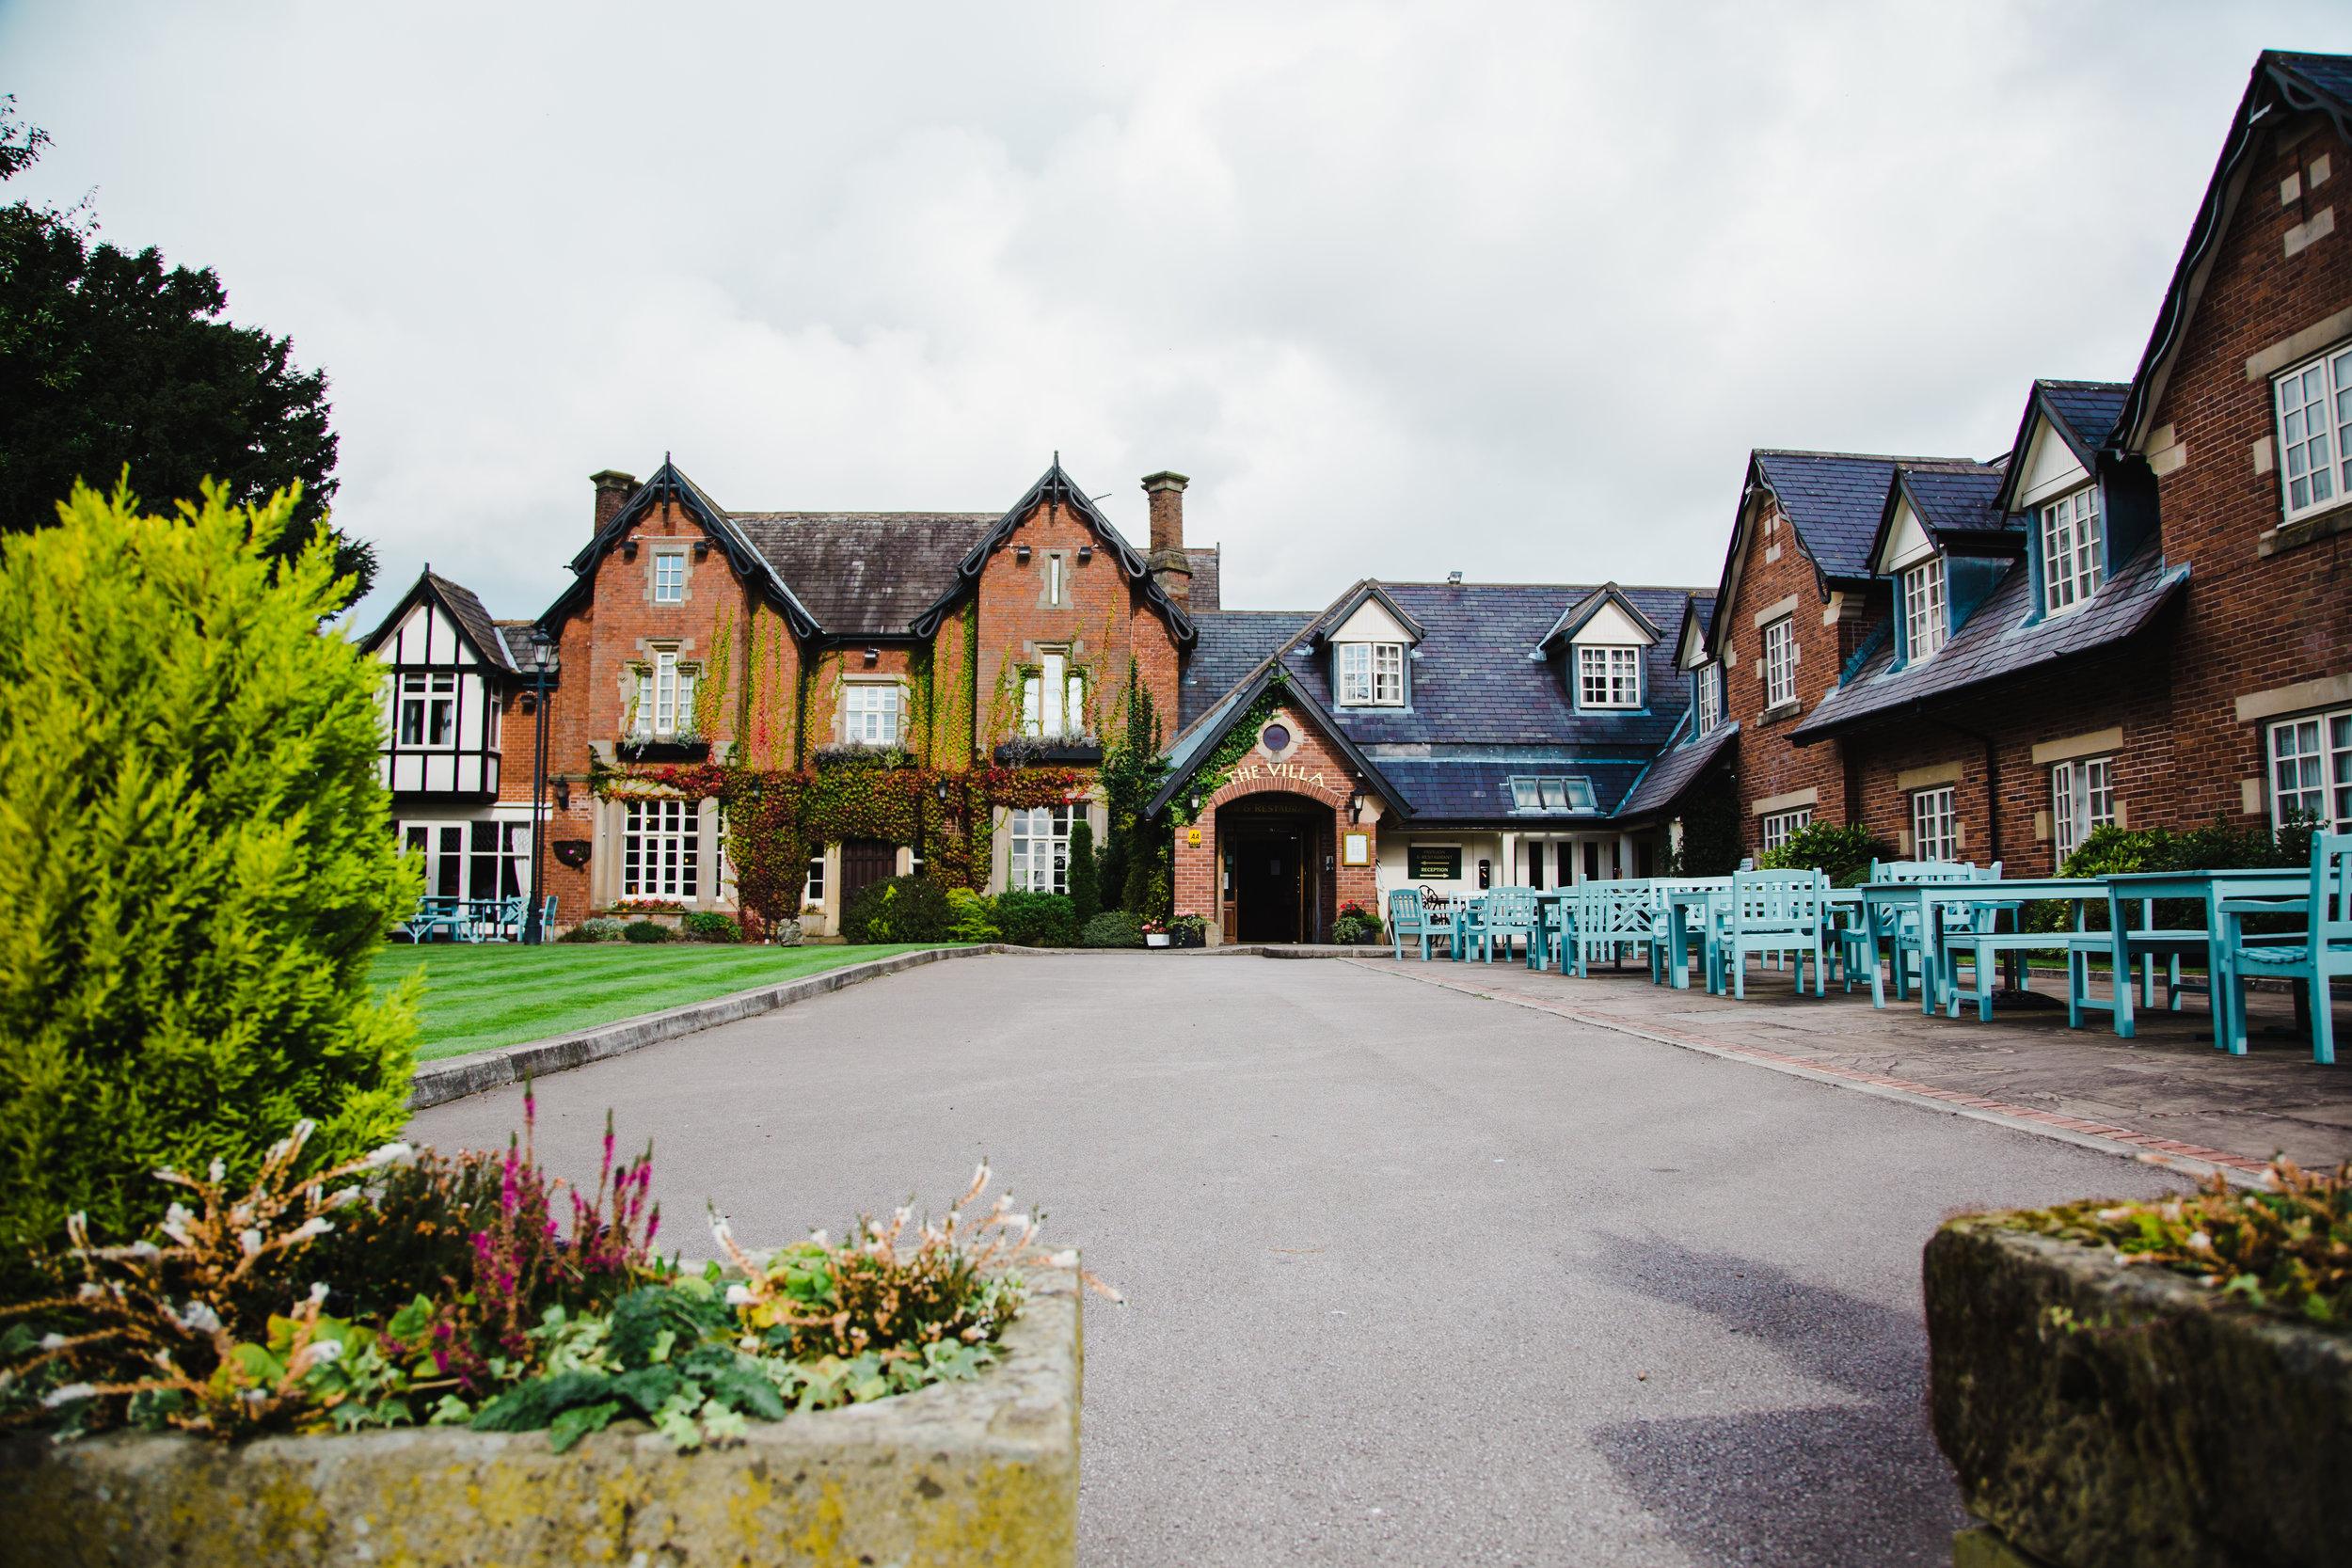 exterior of the Villa at Wrea Green